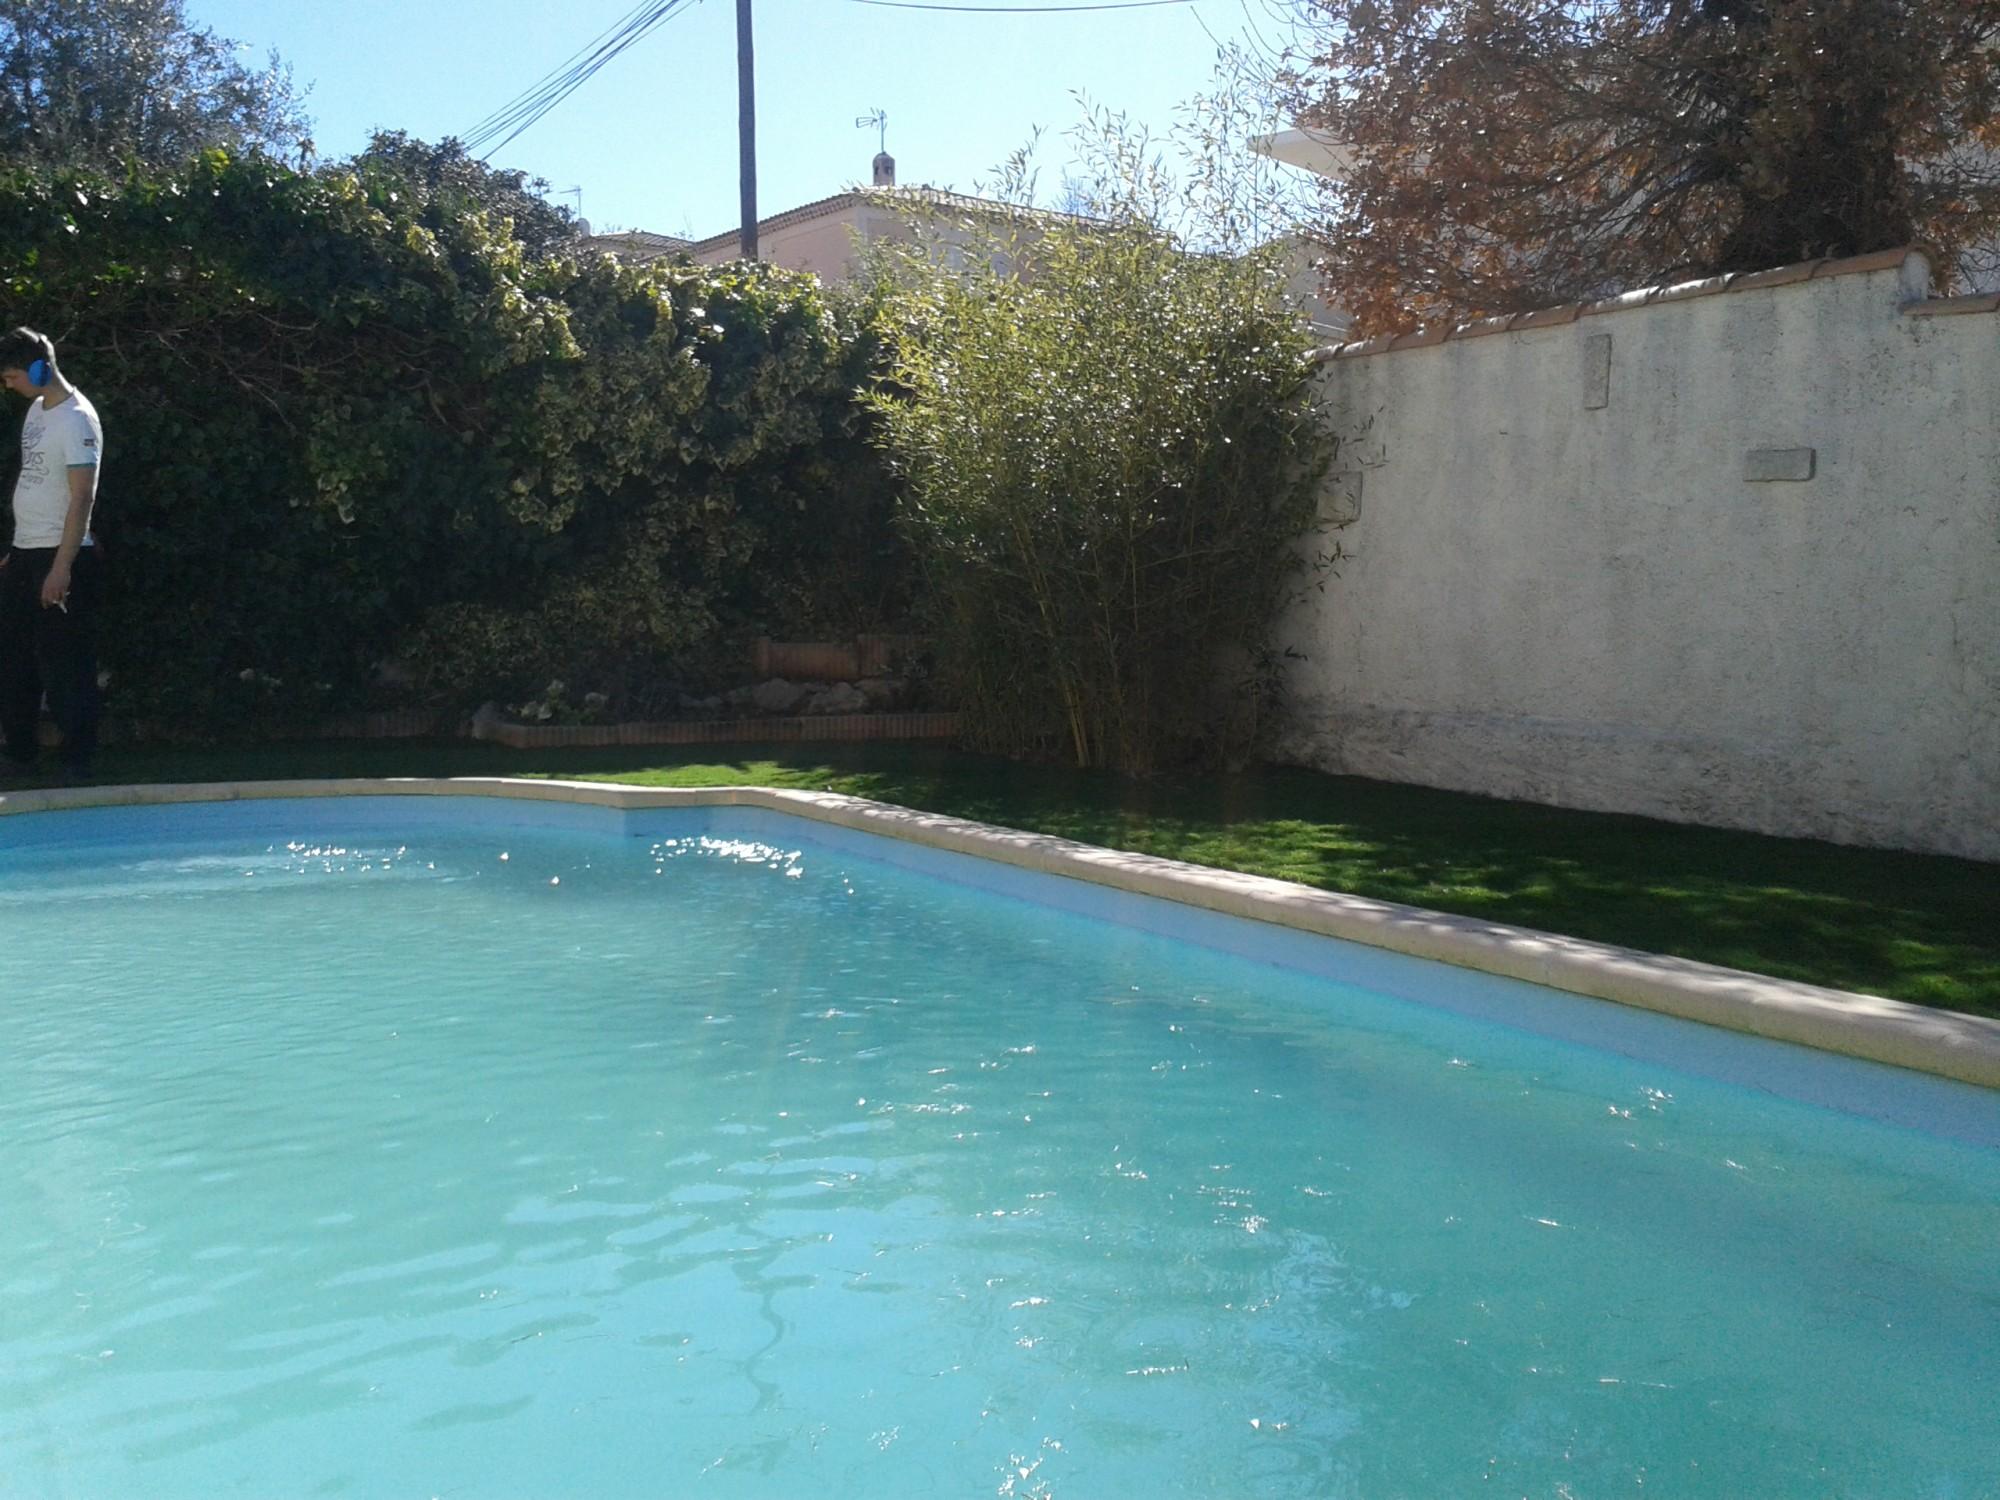 pose d'un gazon artificiel autour d'une piscine à Aix en Provence